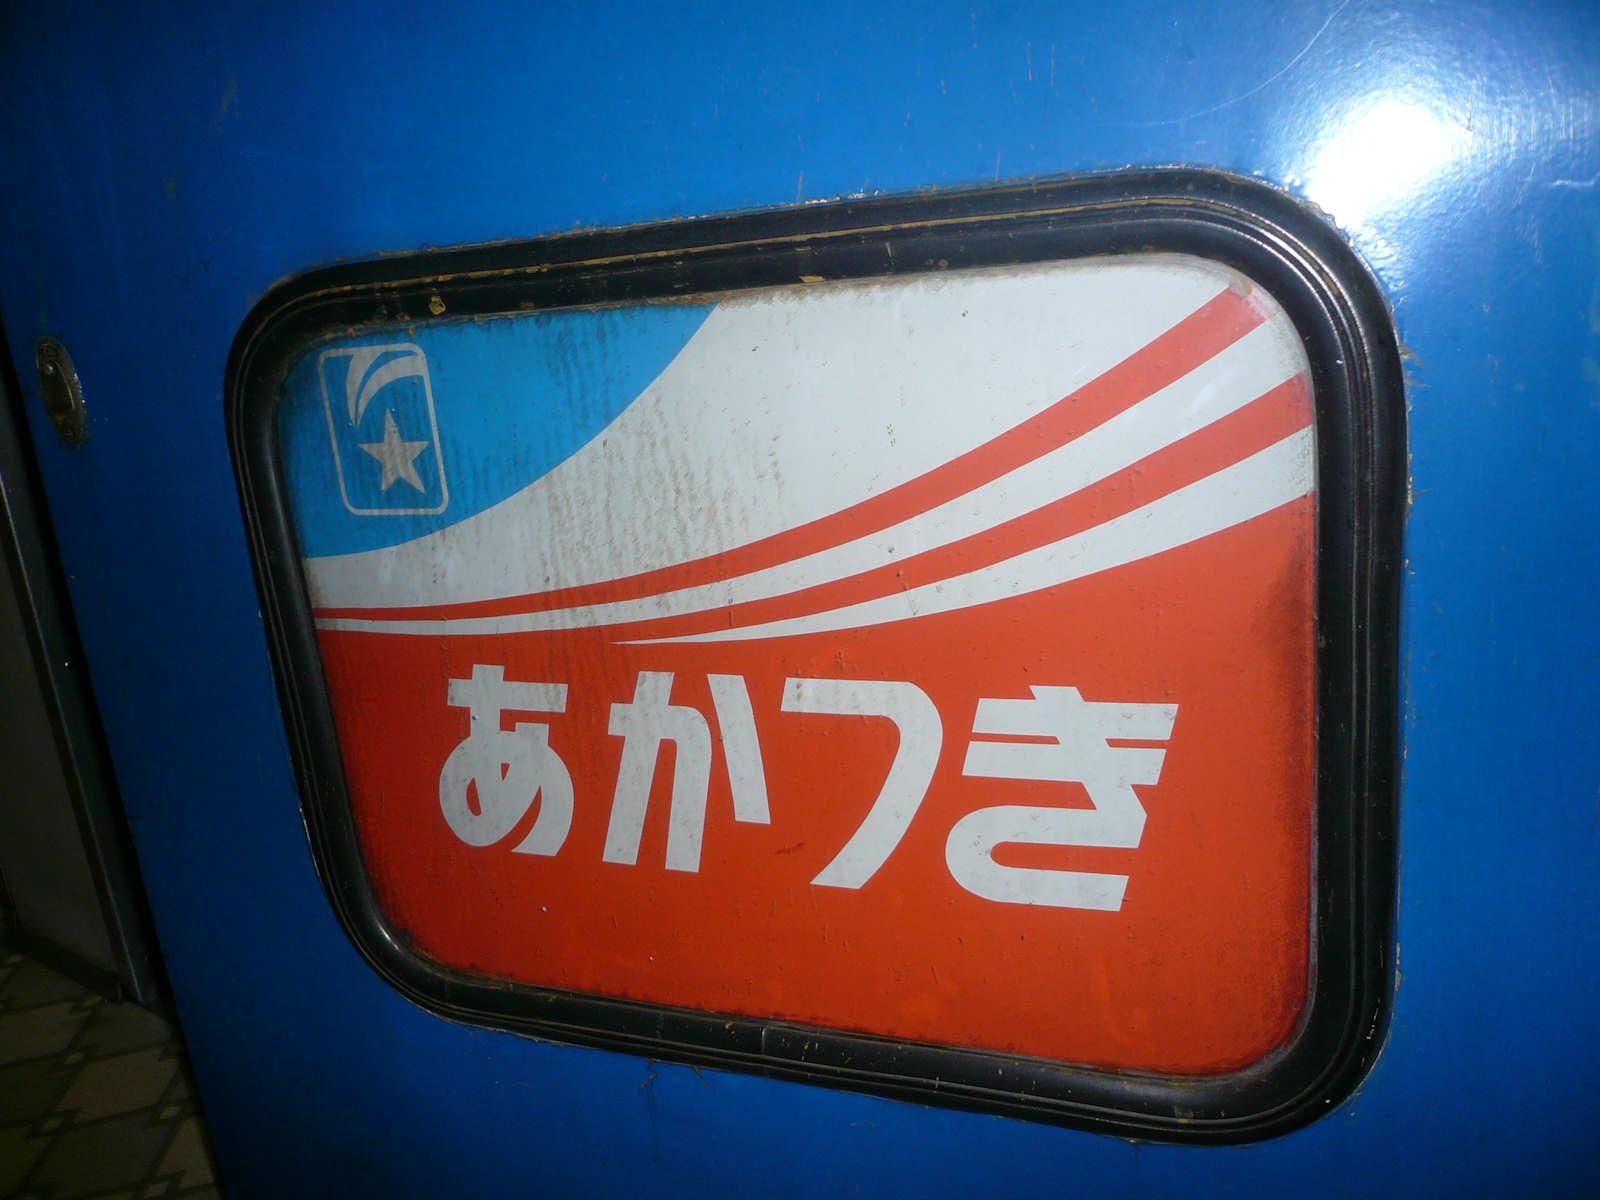 寝台特急あかつき号のテールマーク(JPG-149k)